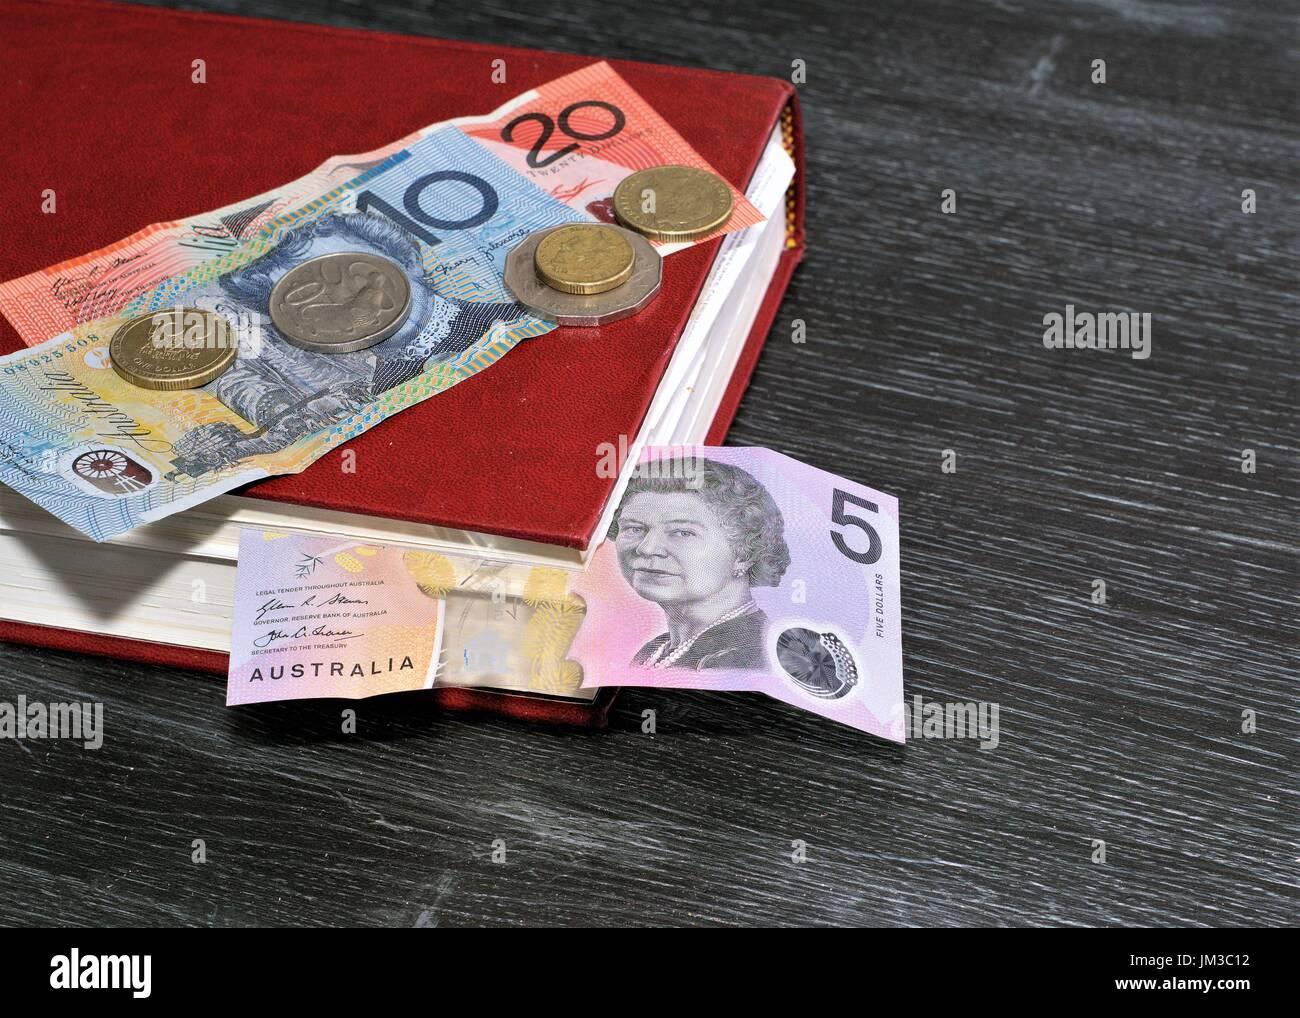 Australische Dollar Australische Münzen Buch Auf Dem Tisch Dollar